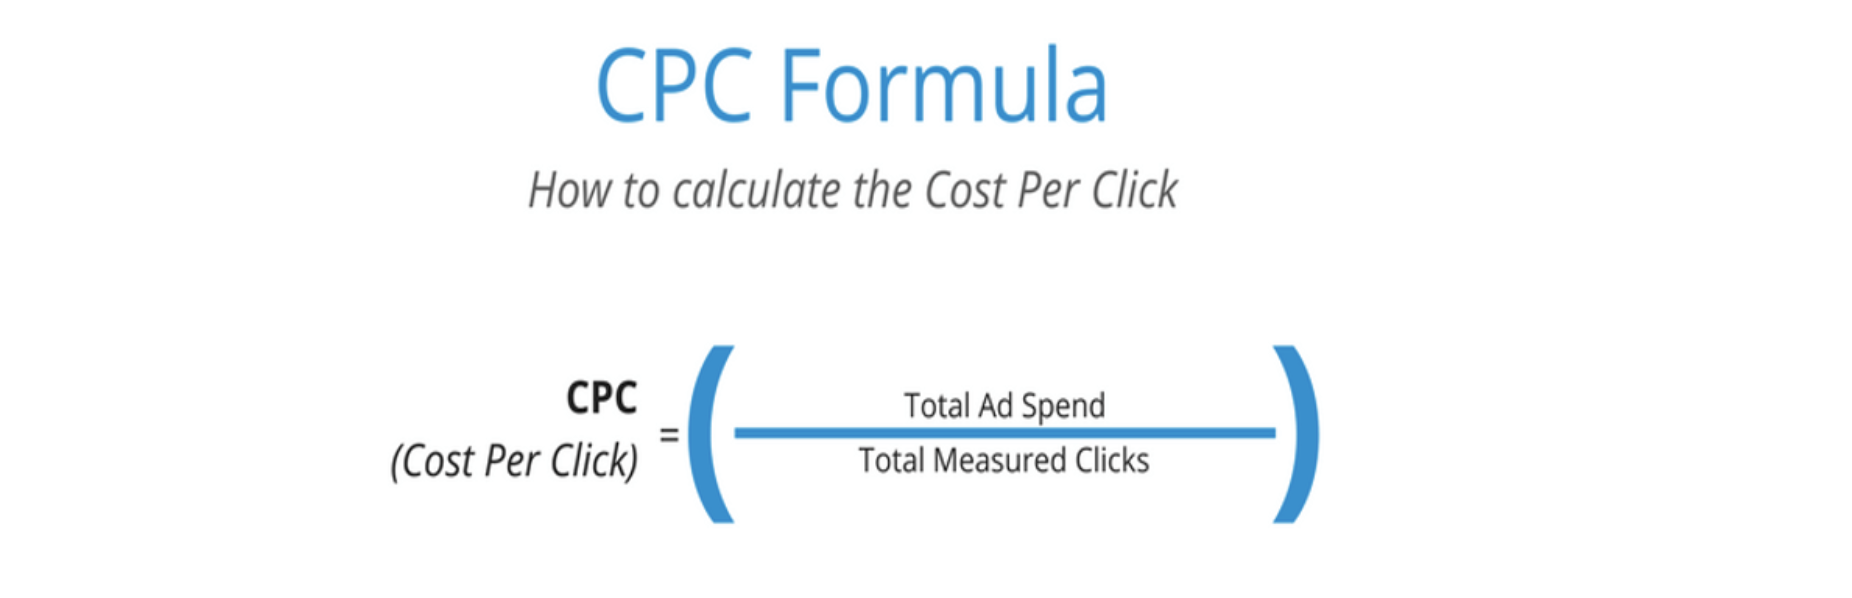 CPC Formula